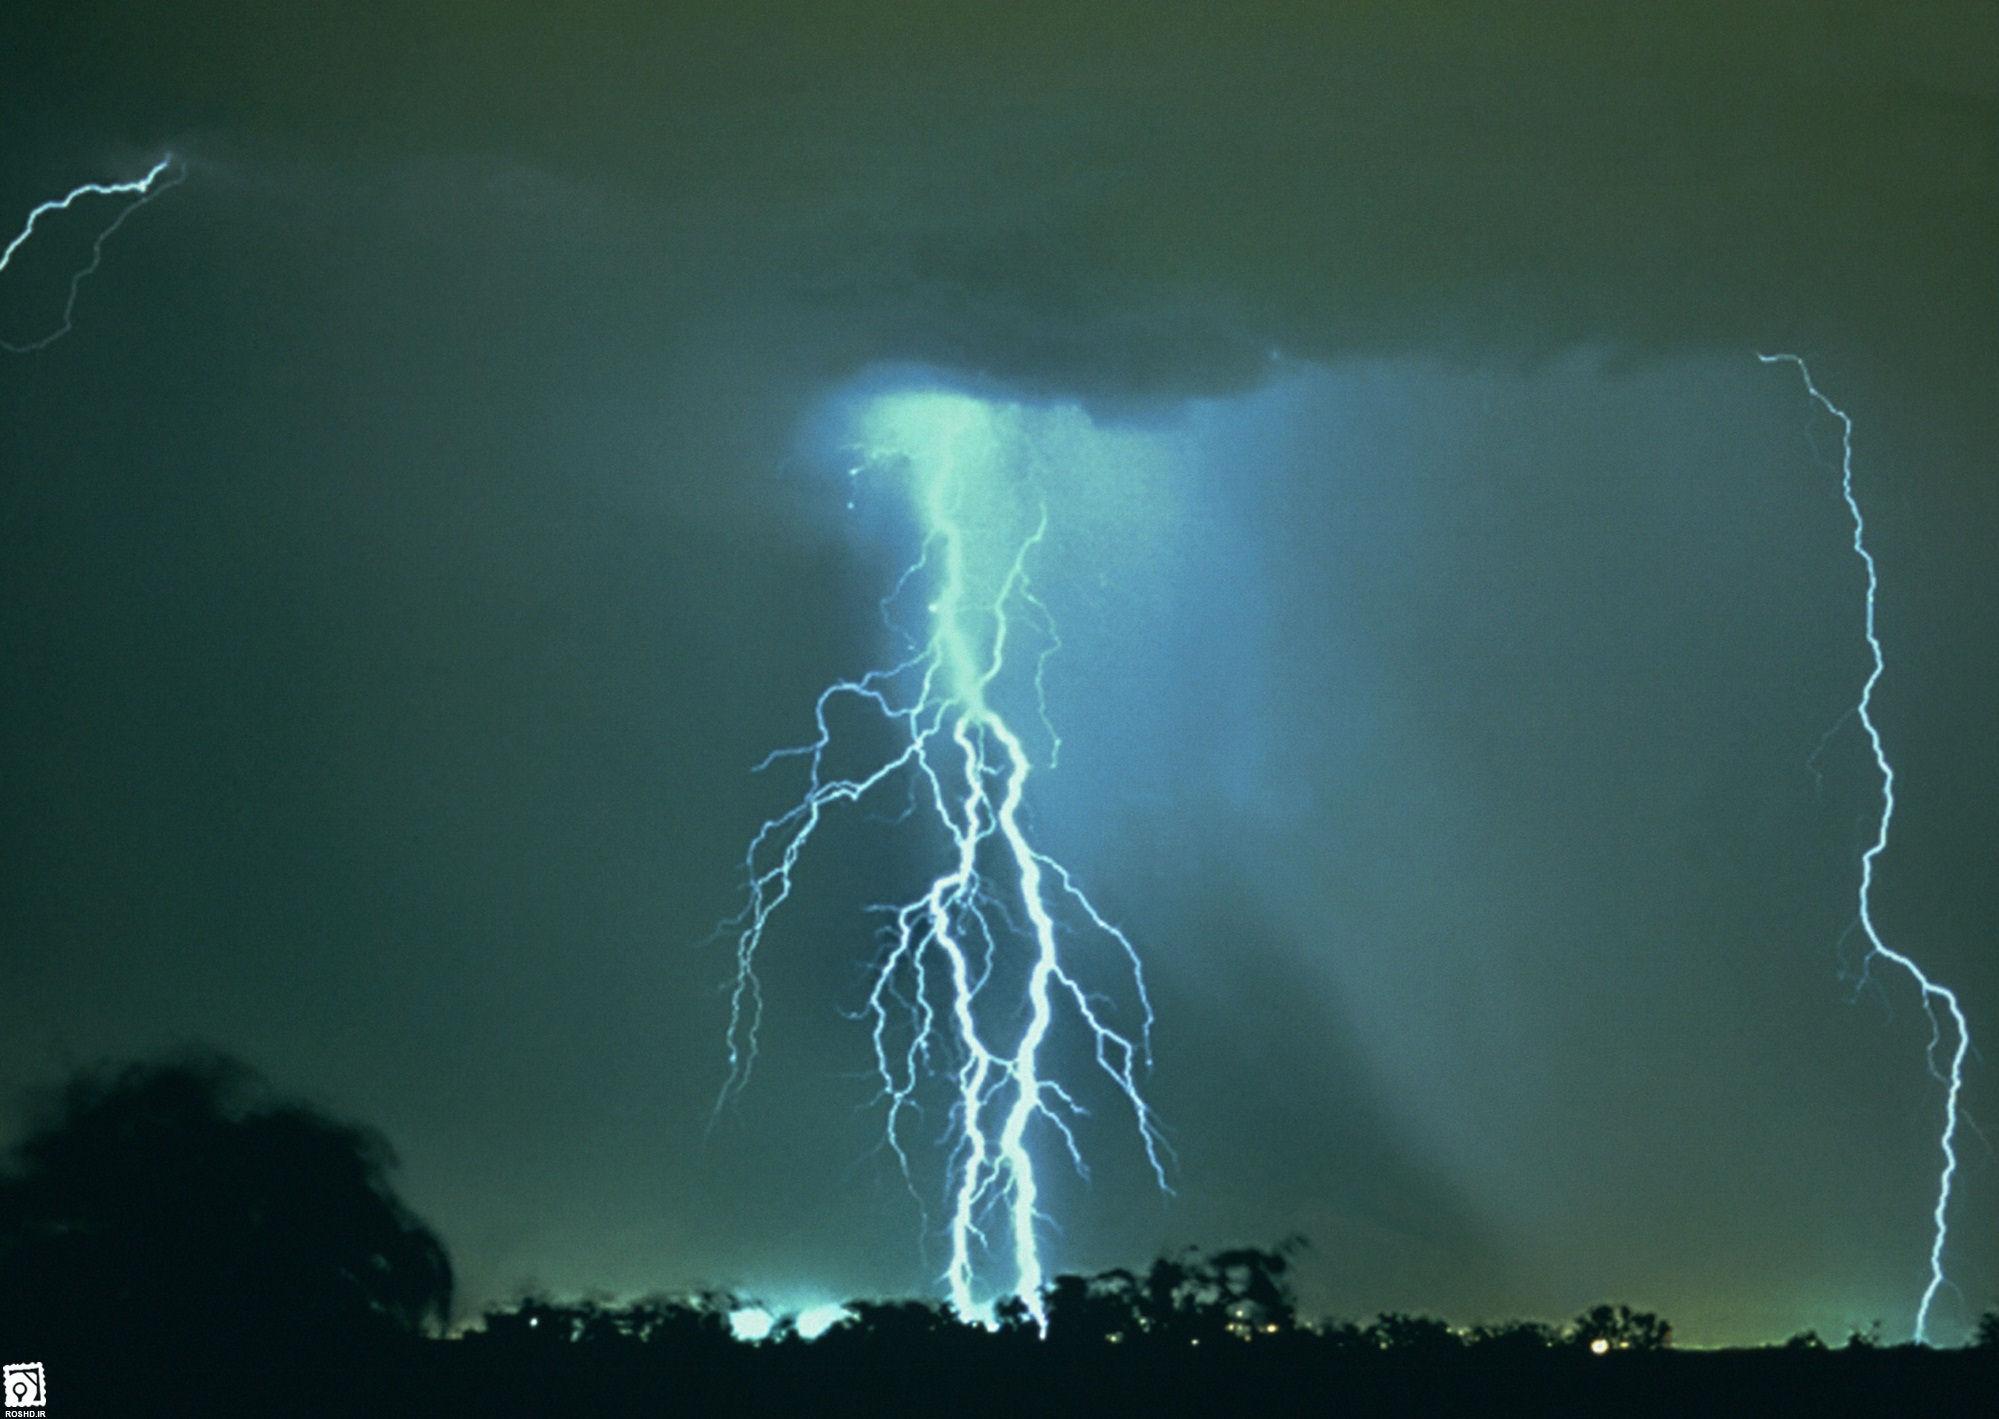 هوا شناسی شهرستان خوی پدیده های زمین شناسی شهرستان بردسکن - آذرخش